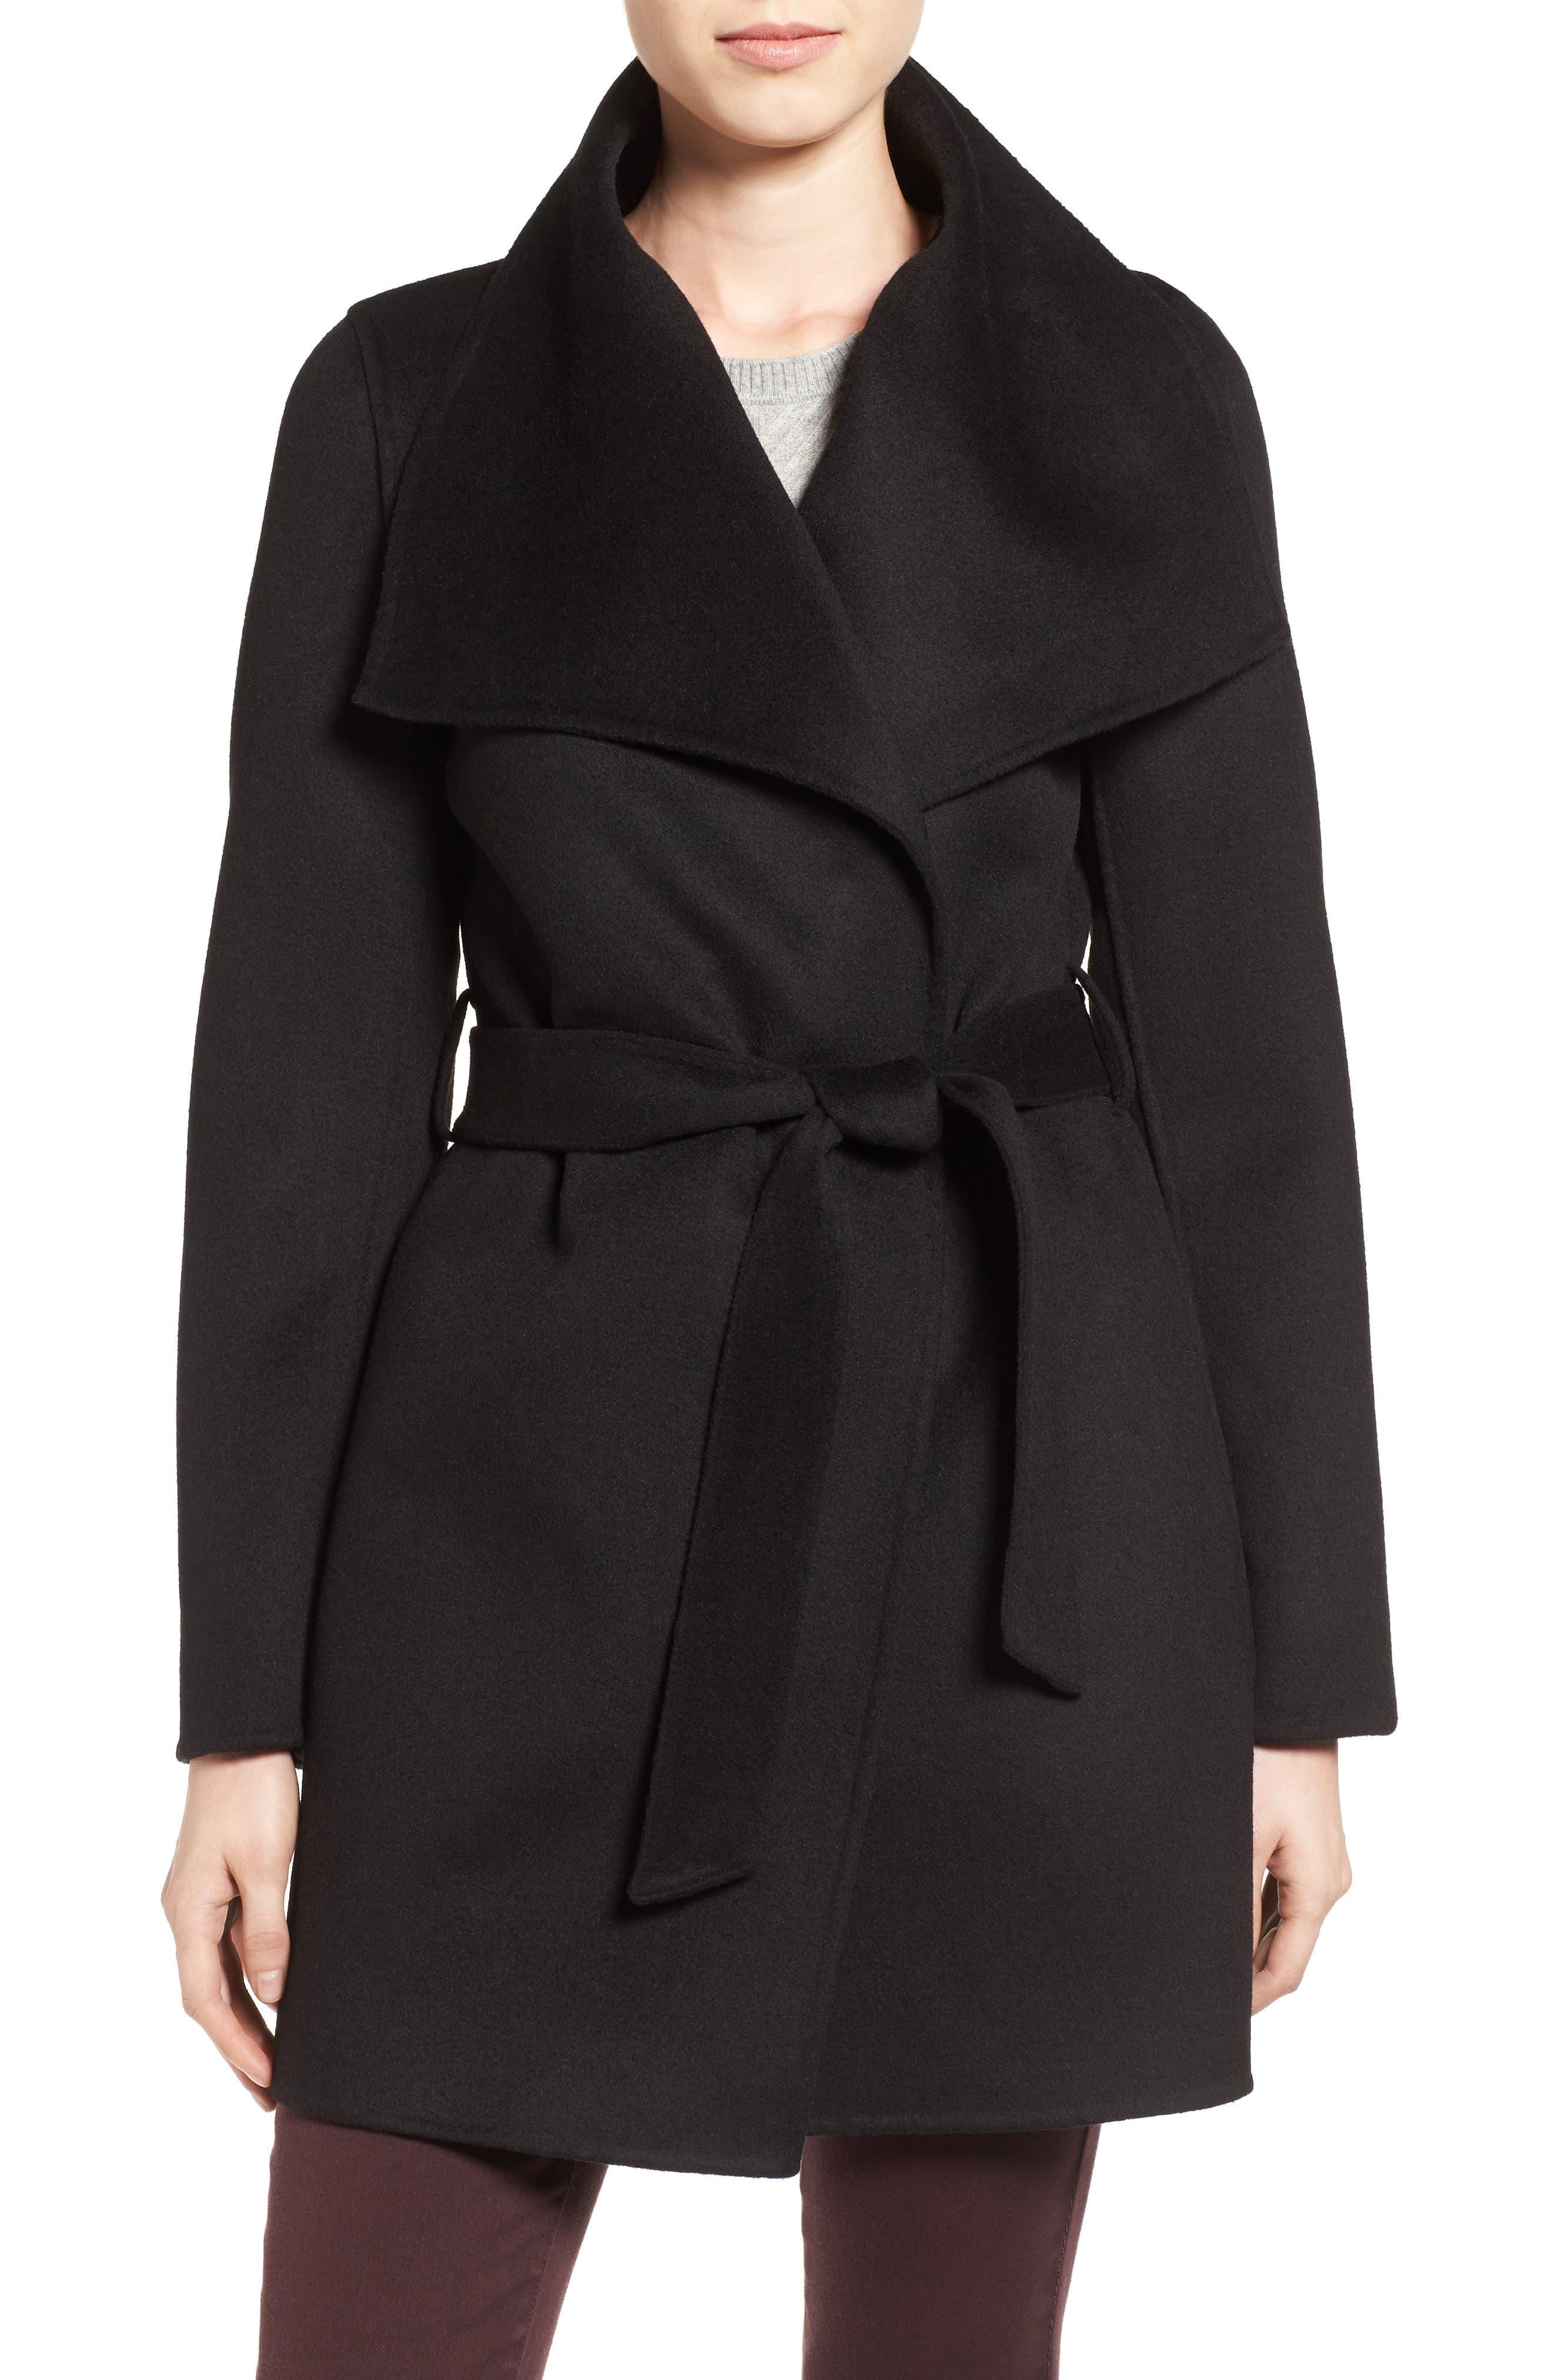 Alternate Image 1 Selected - Tahari 'Ella' Belted Double Face Wool Blend Wrap Coat (Regular & Petite)